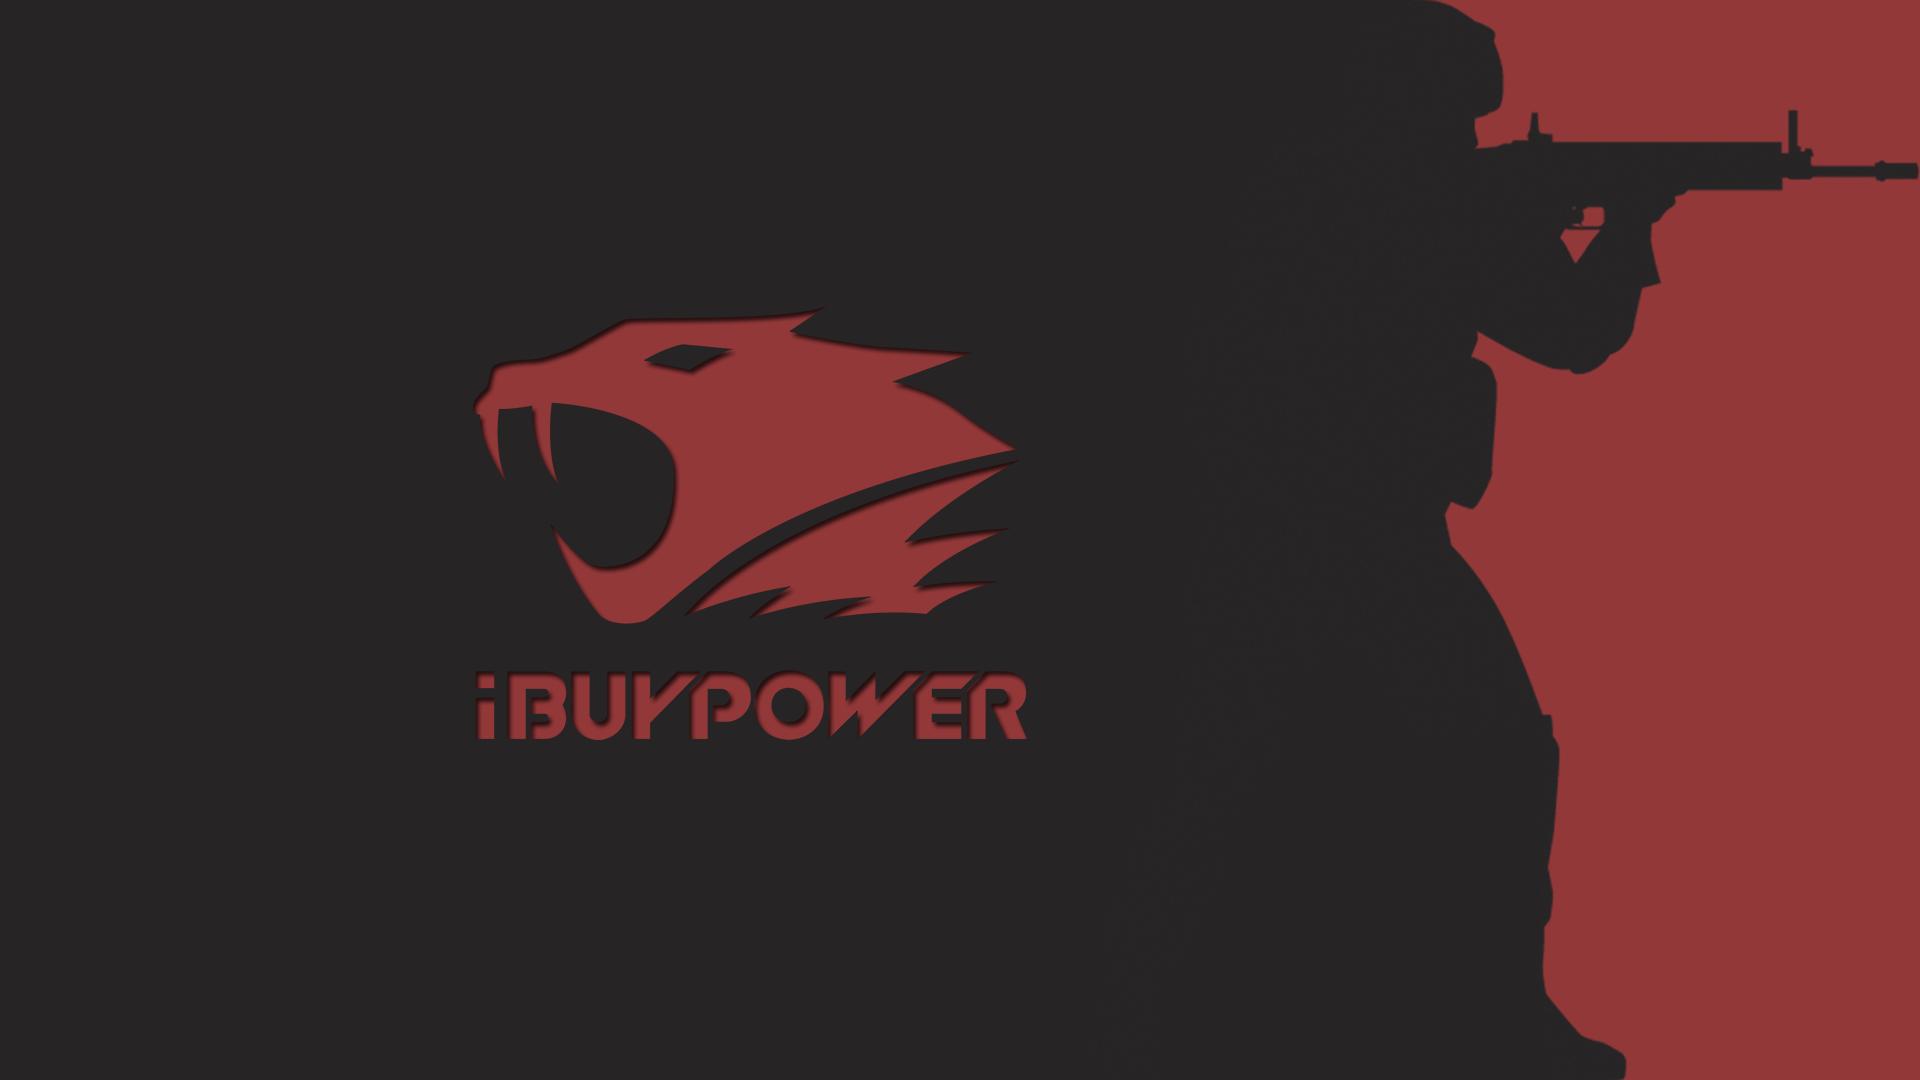 download wallpaper ibuypower cs go by suzigan96 watch fan art 1920x1080